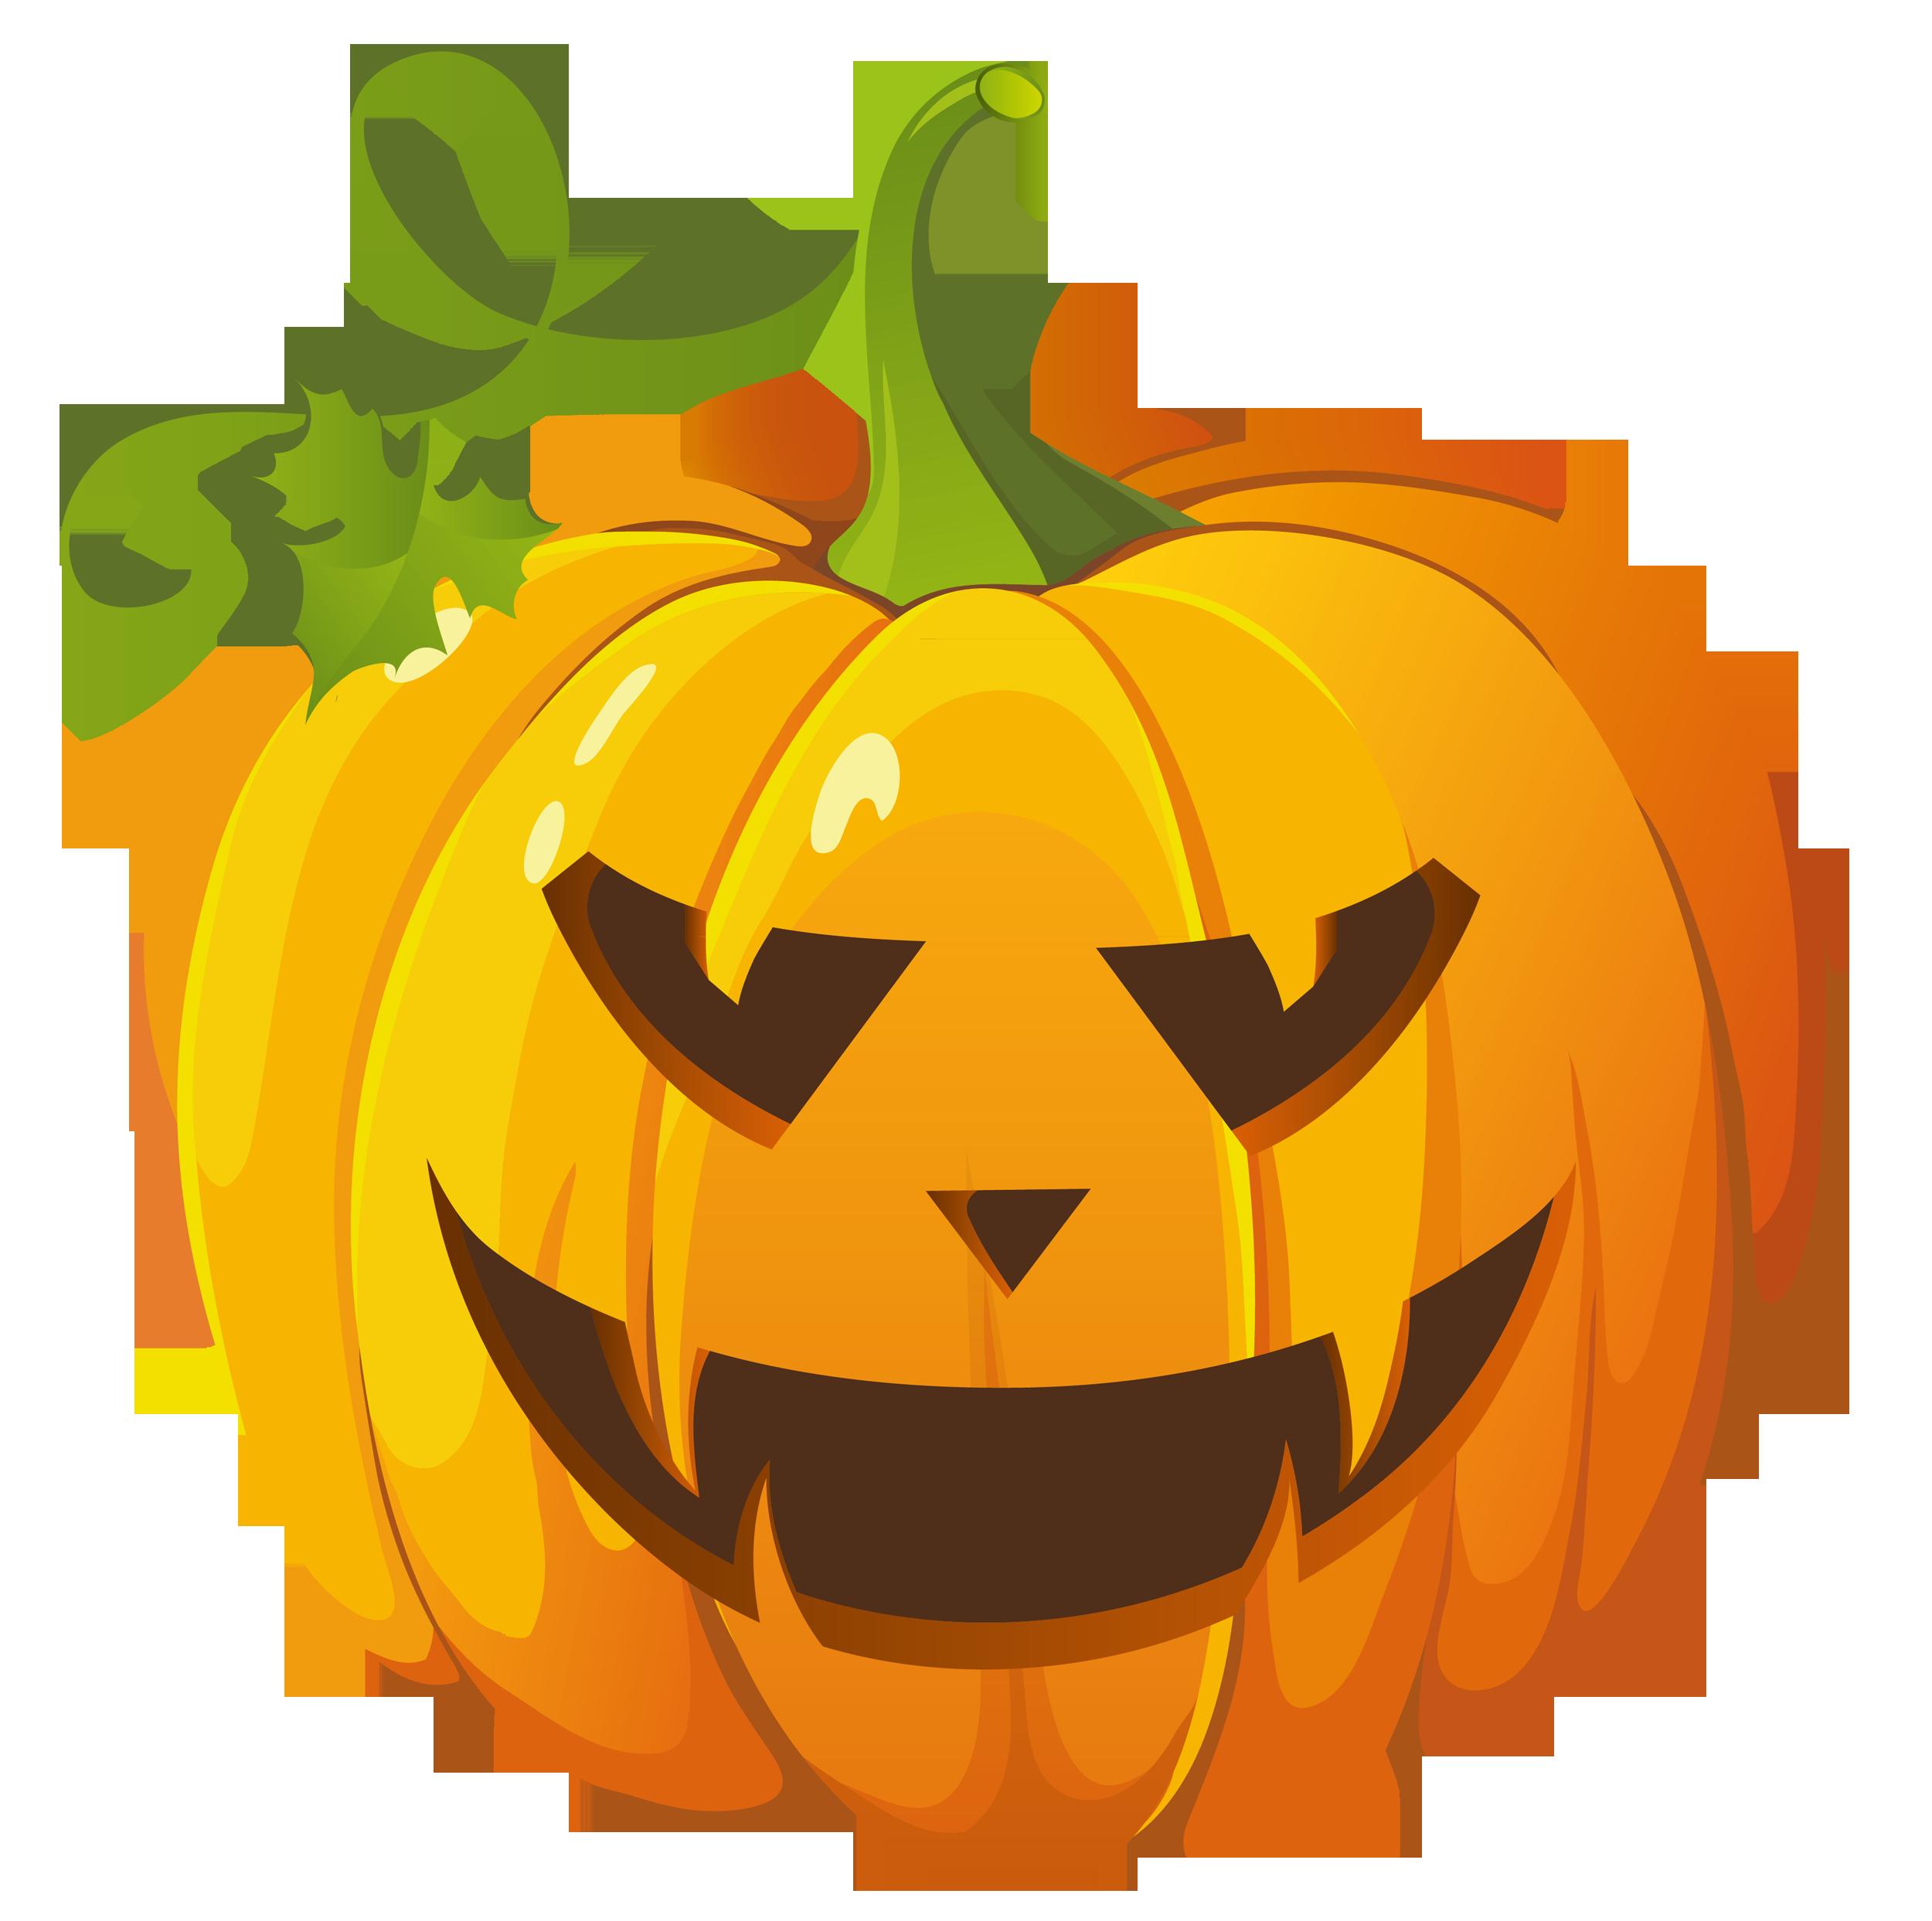 Clip art pumpkins clipart image 5-Clip art pumpkins clipart image 5-16